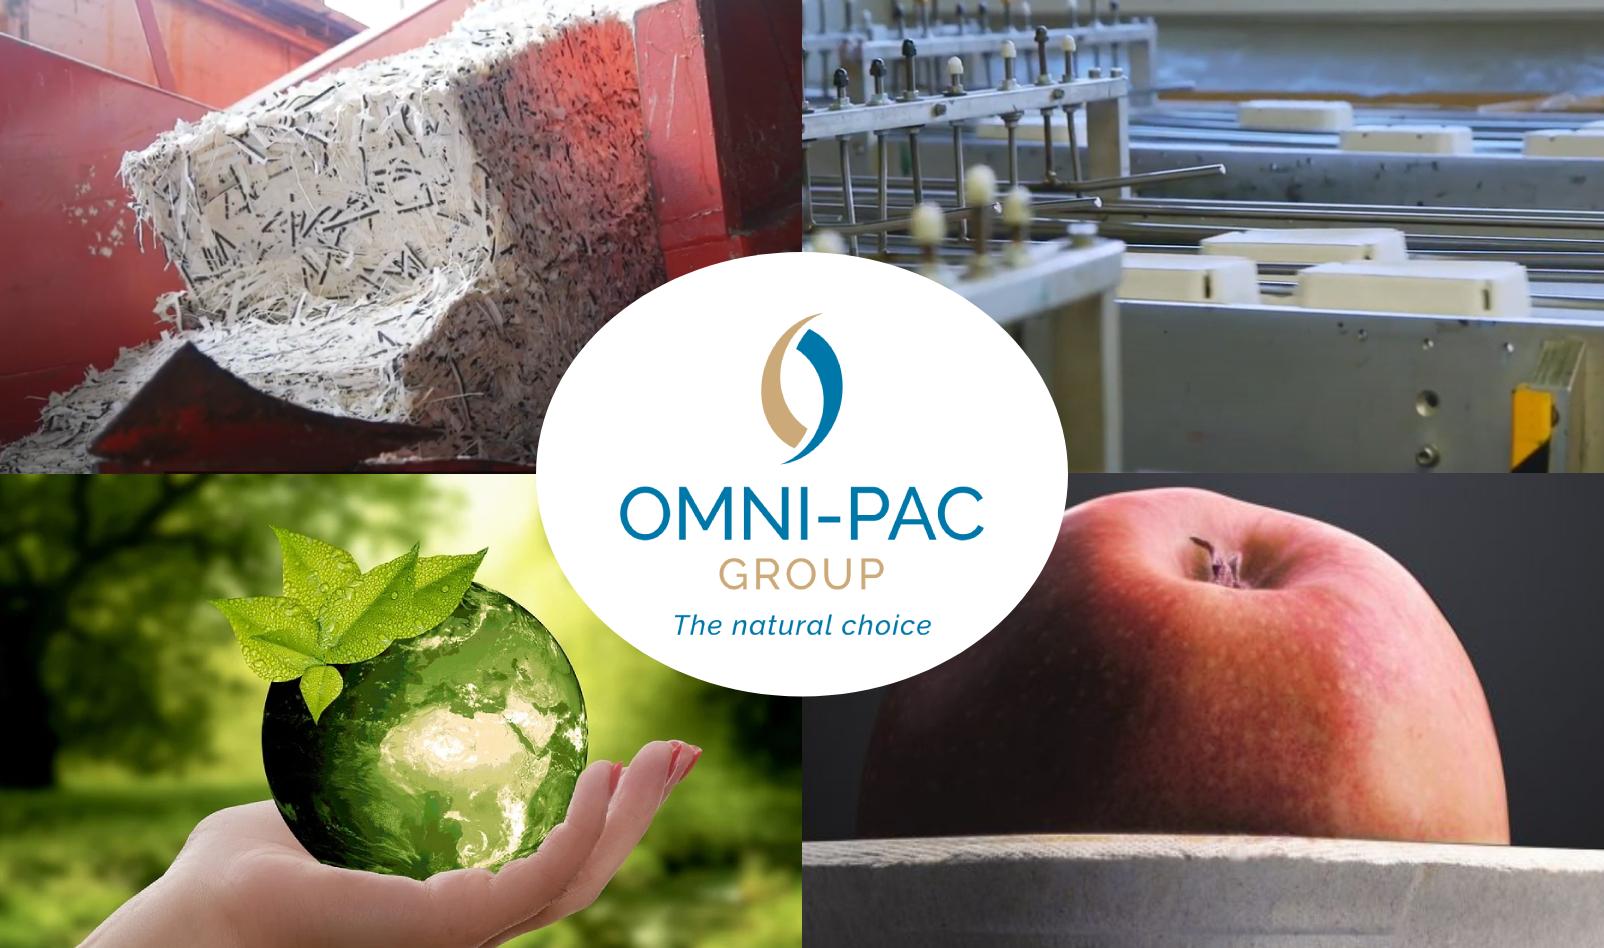 Le Groupe CDL Omni-Pac  devient Omni-Pac Group et acte le renforcement significatif de son implantation paneuropéenne suite à l'acquisition de MFP au Royaume Uni début 2020